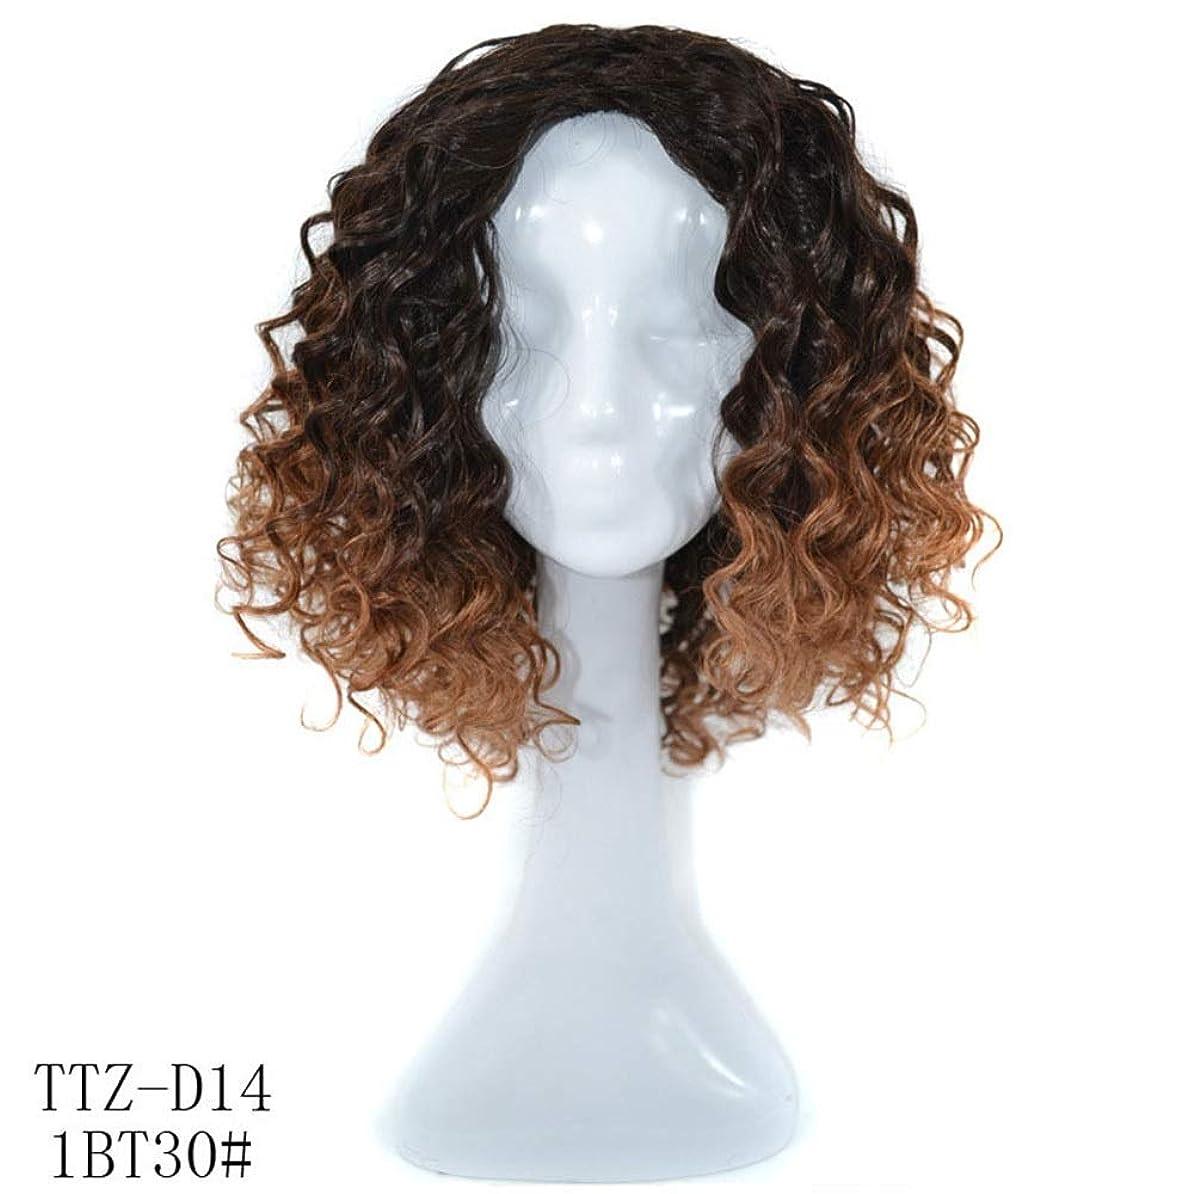 アンペアディレイ制限されたかつら 本物の人間の髪の毛深い巻き毛の肩カール女性のためのふわふわの自然なかつらパーティーかつら (色 : Dark brown)